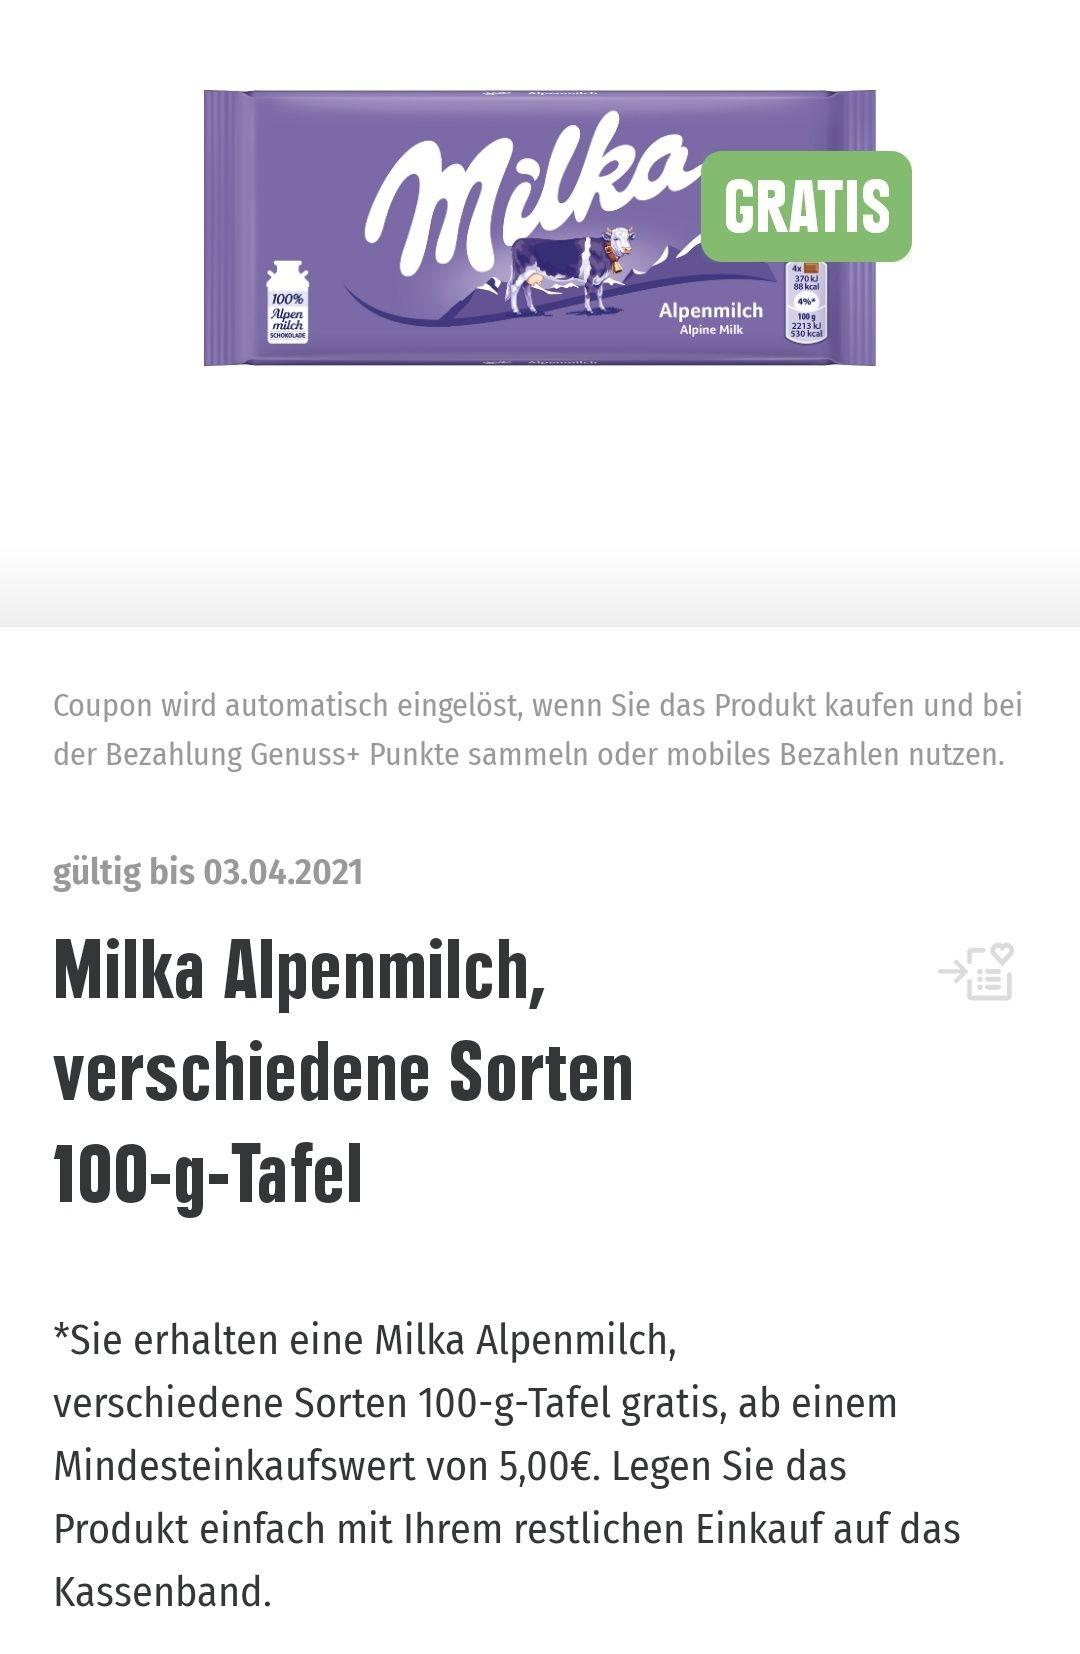 EDEKA / Marktkauf Südwest Genuss plus App gratis Milka Schokolade 100 g bei Einkauf ab 5 €